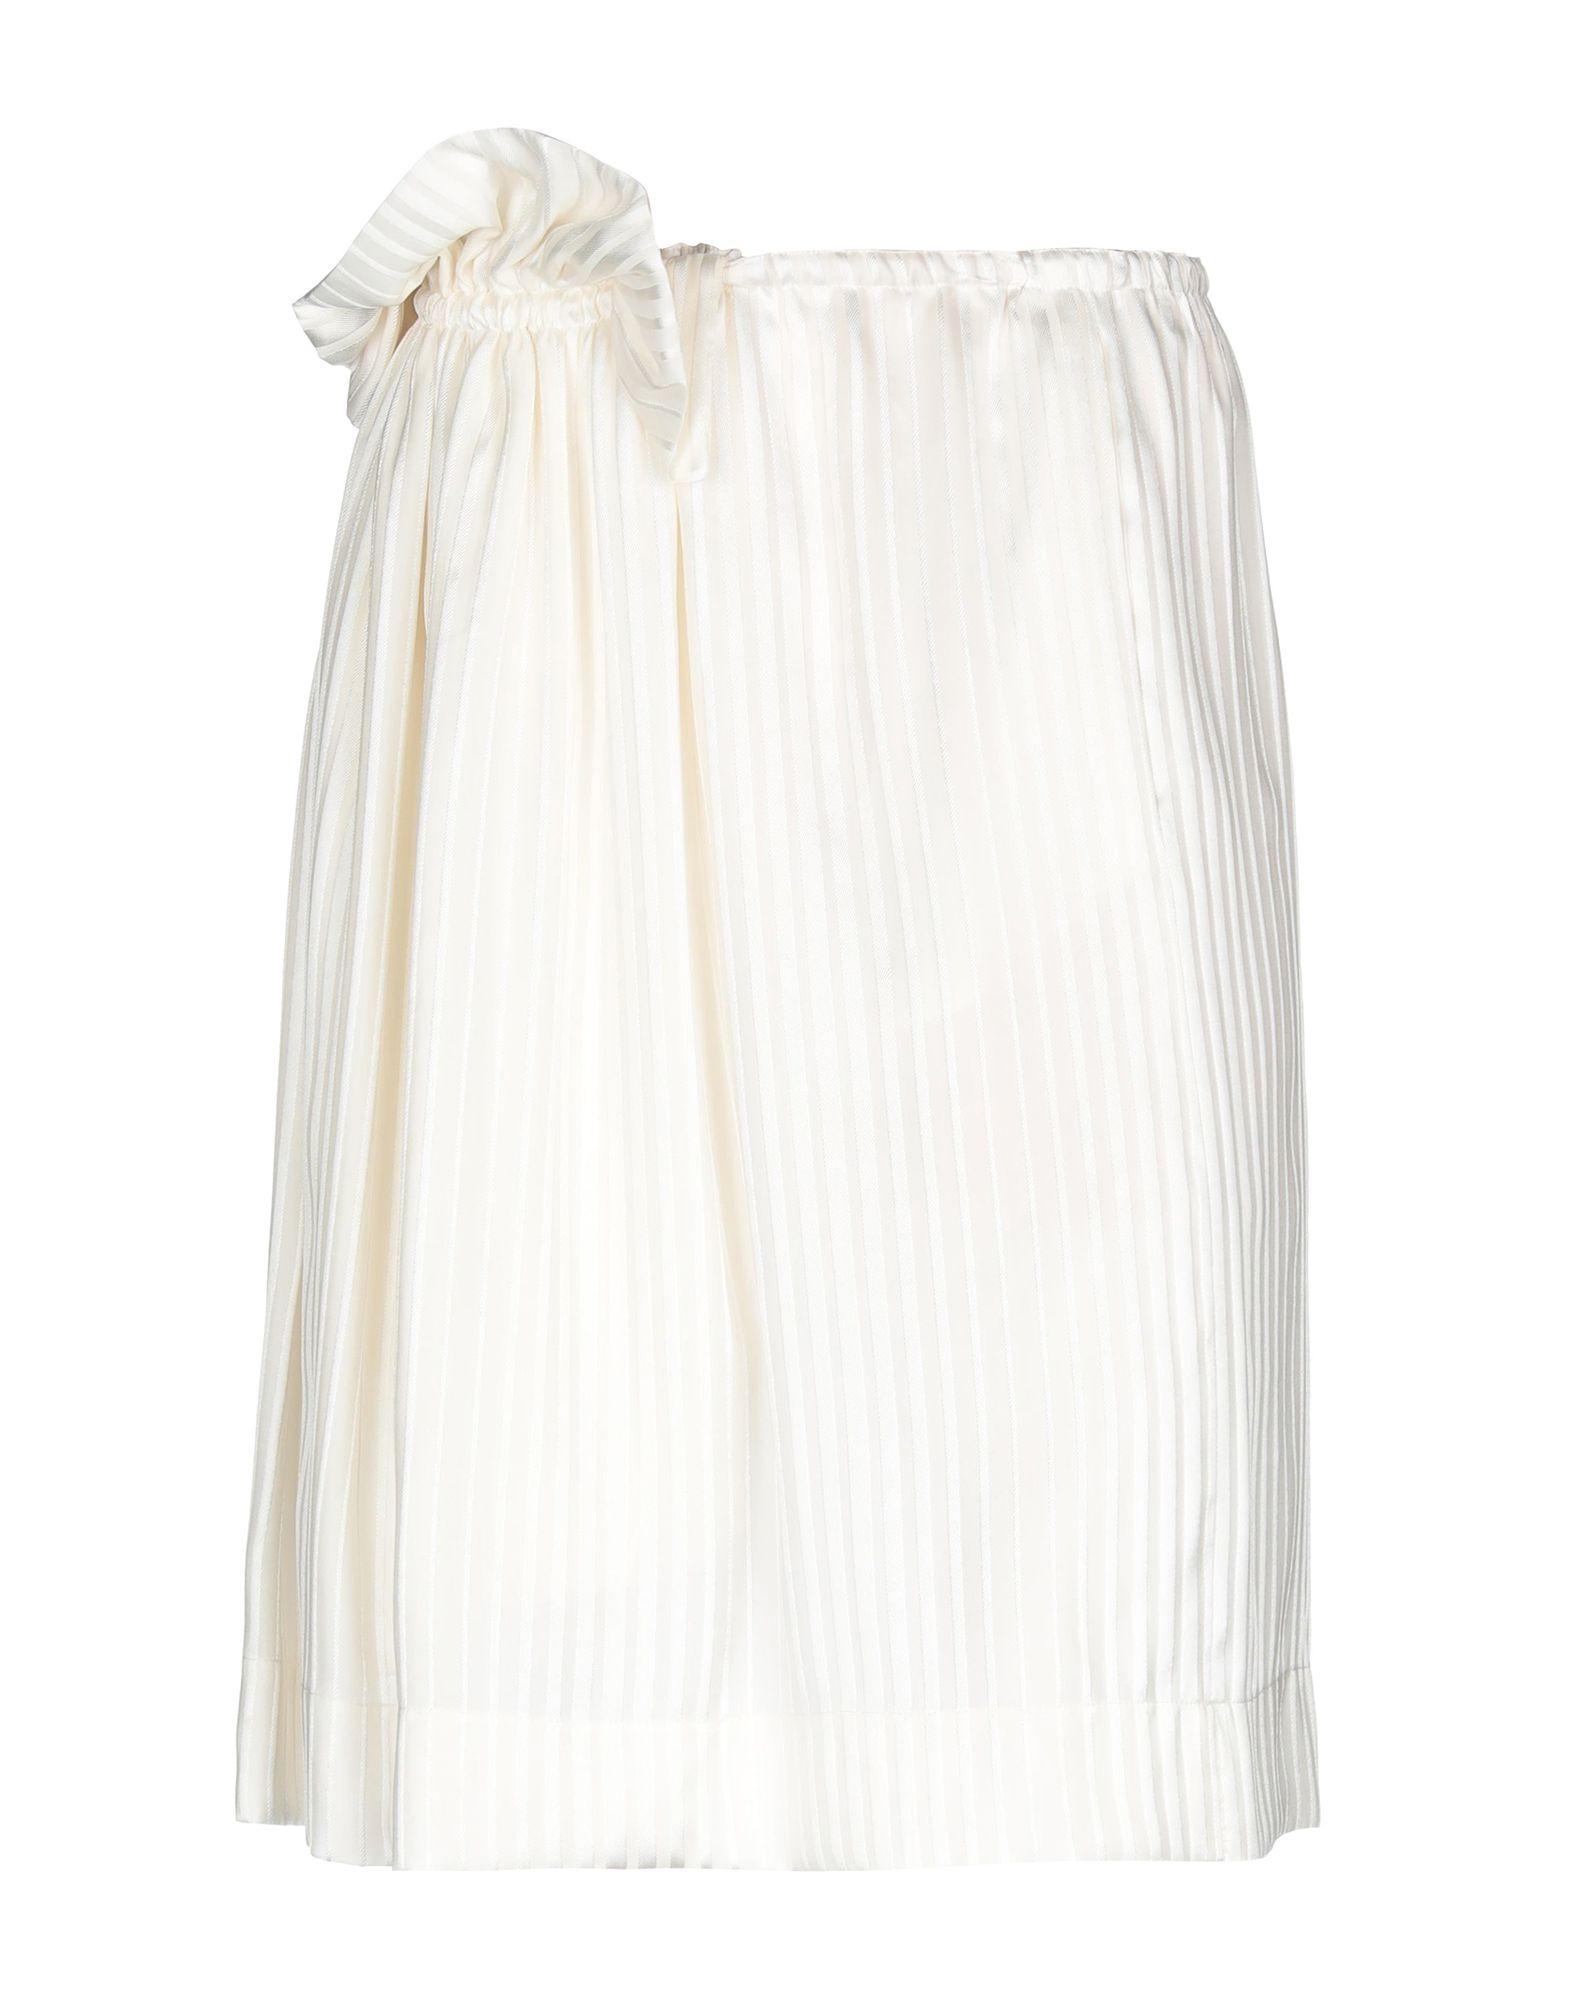 Language In 45 And 47 Stella Street: Mini-Röcke In Weiß Für Frauen. Damenmode In Weiß Bei Fashn.de